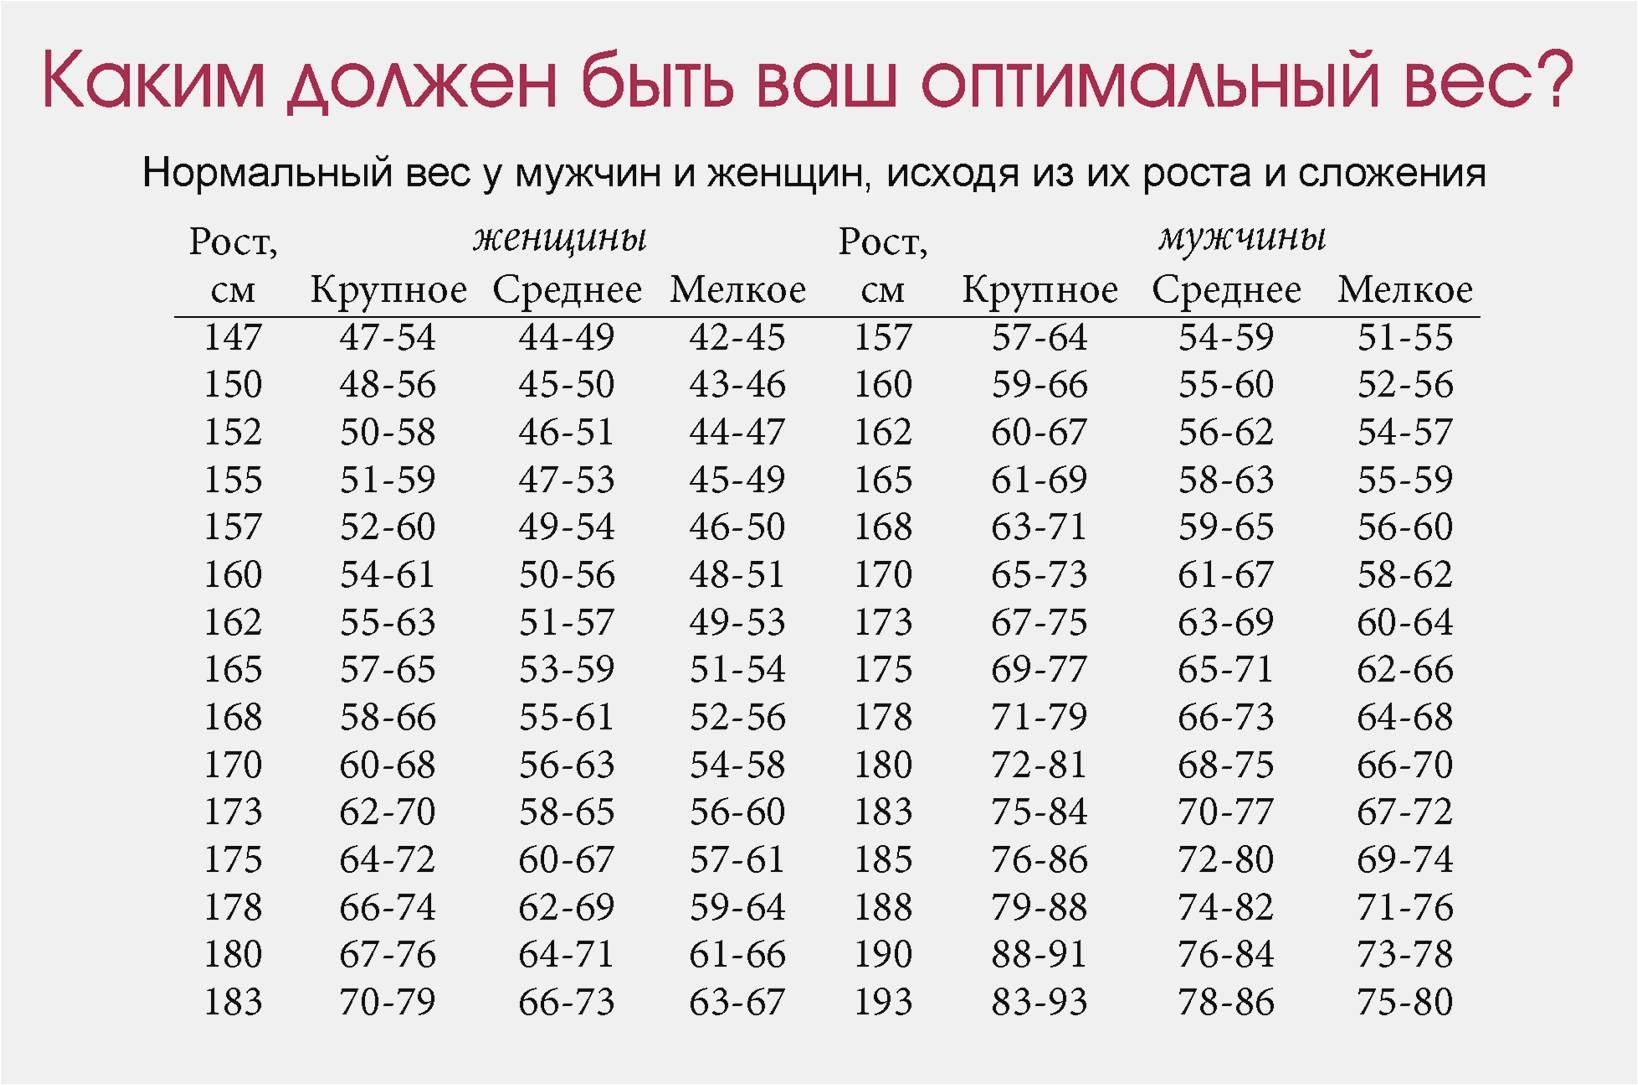 Как быстро похудеть на 10 кг в домашних условиях 10